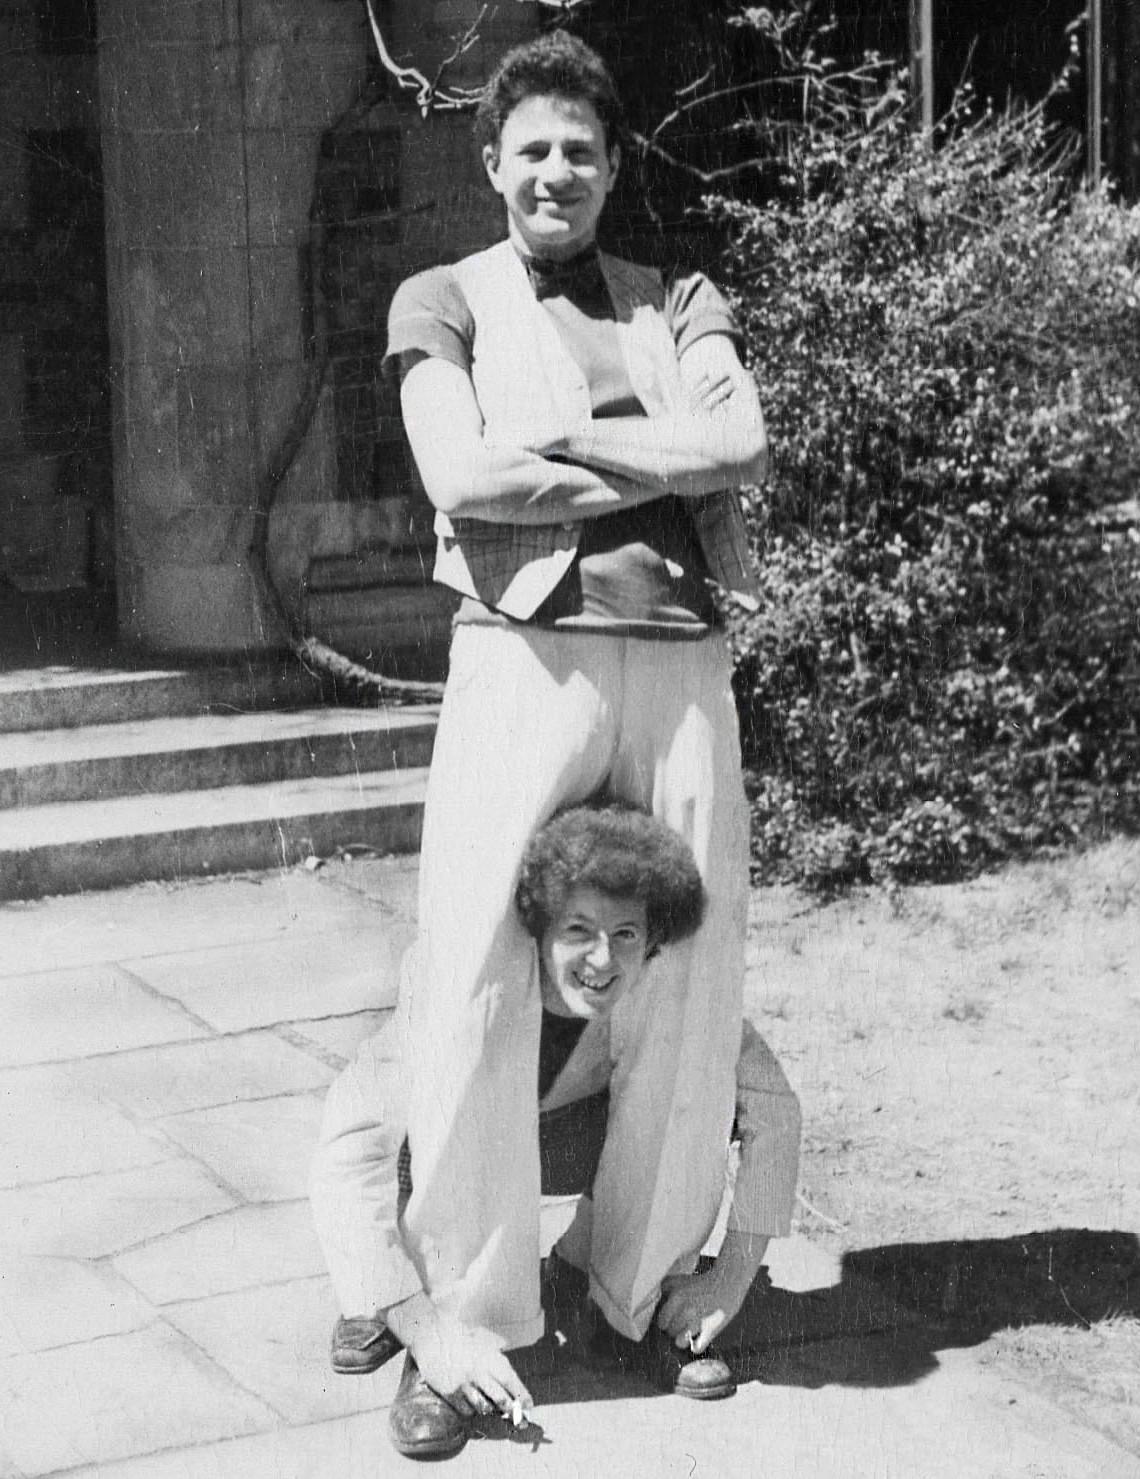 Harold and Kiki early pic at Yale